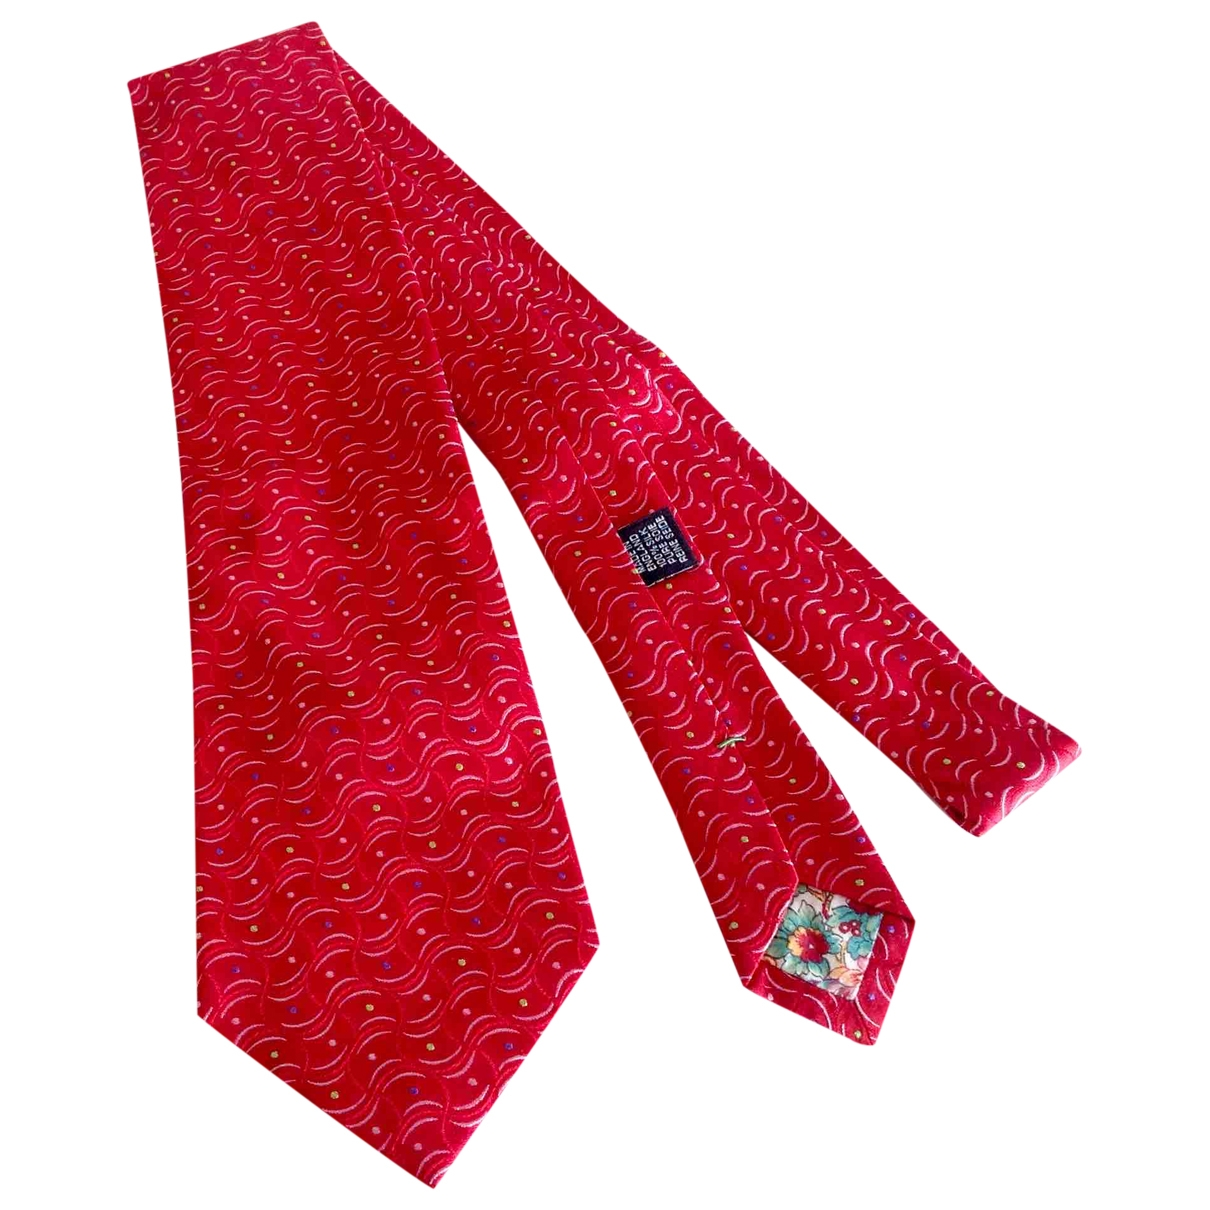 Paul Smith - Cravates   pour homme en soie - rouge